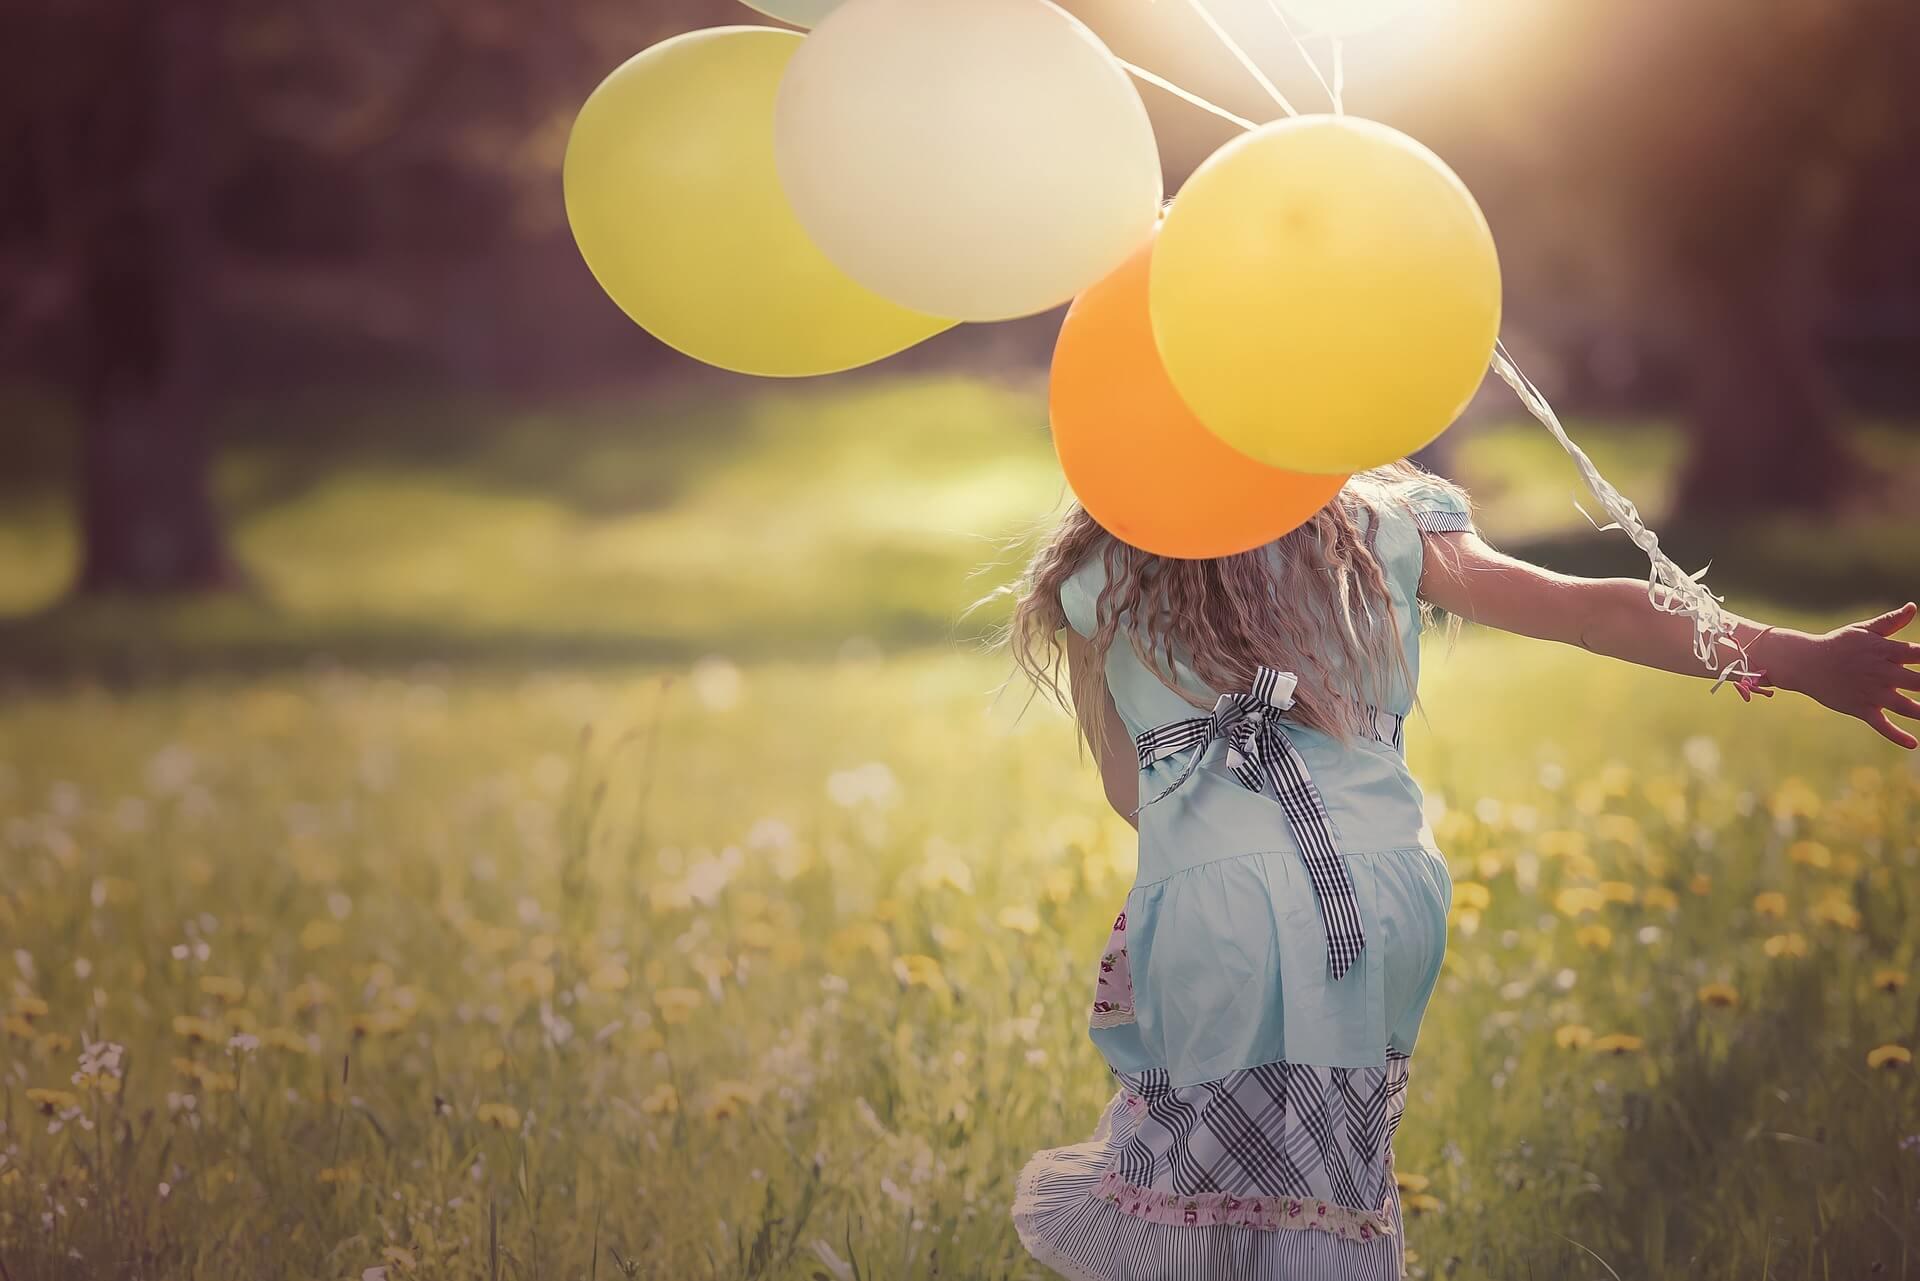 Gewinnen Sie wieder Ihre Lebensfreude zurück!